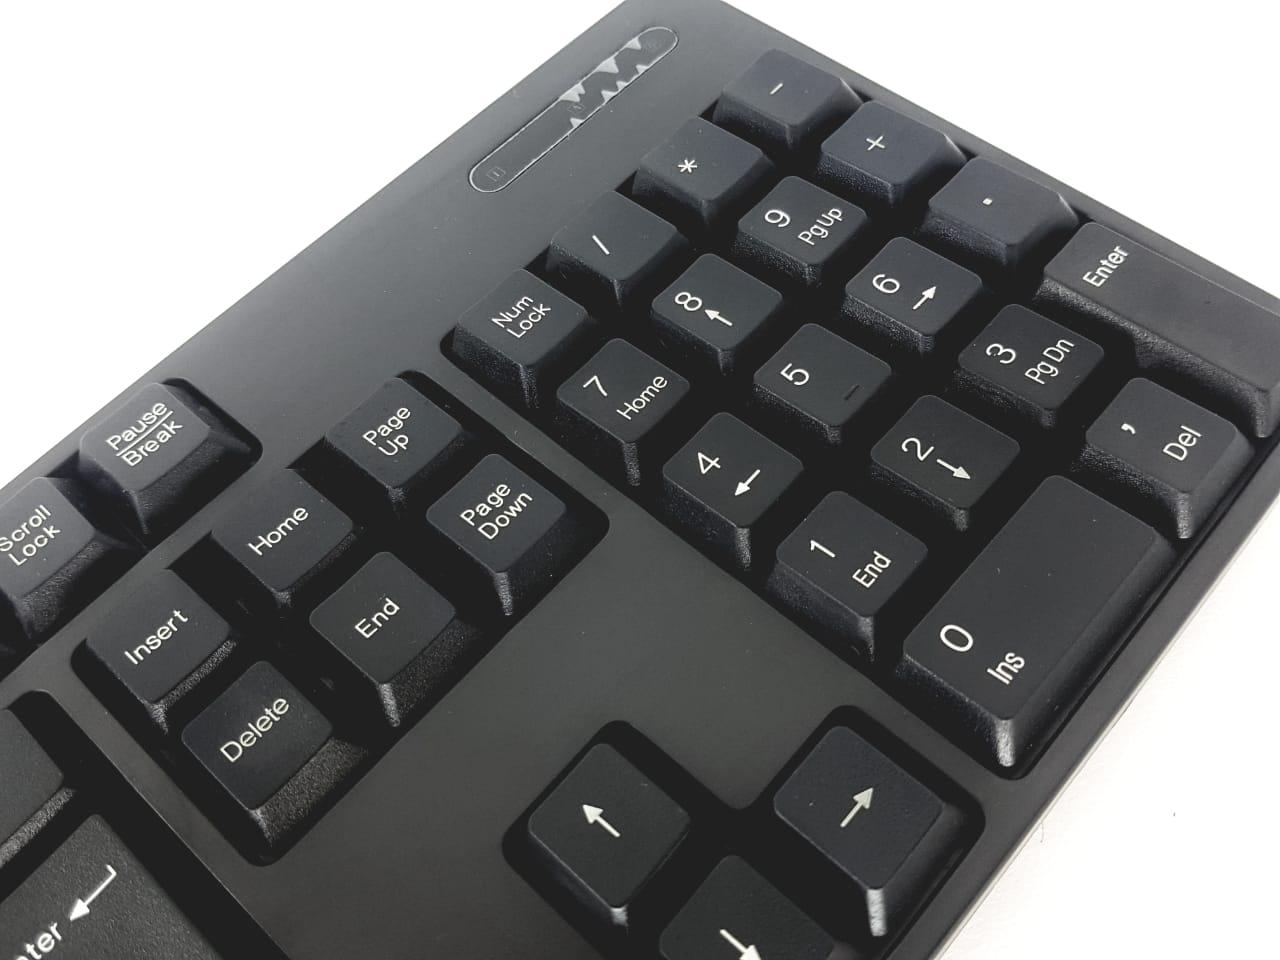 Kit com 5 teclados abnt2 e mouses opticos com fio preto novo